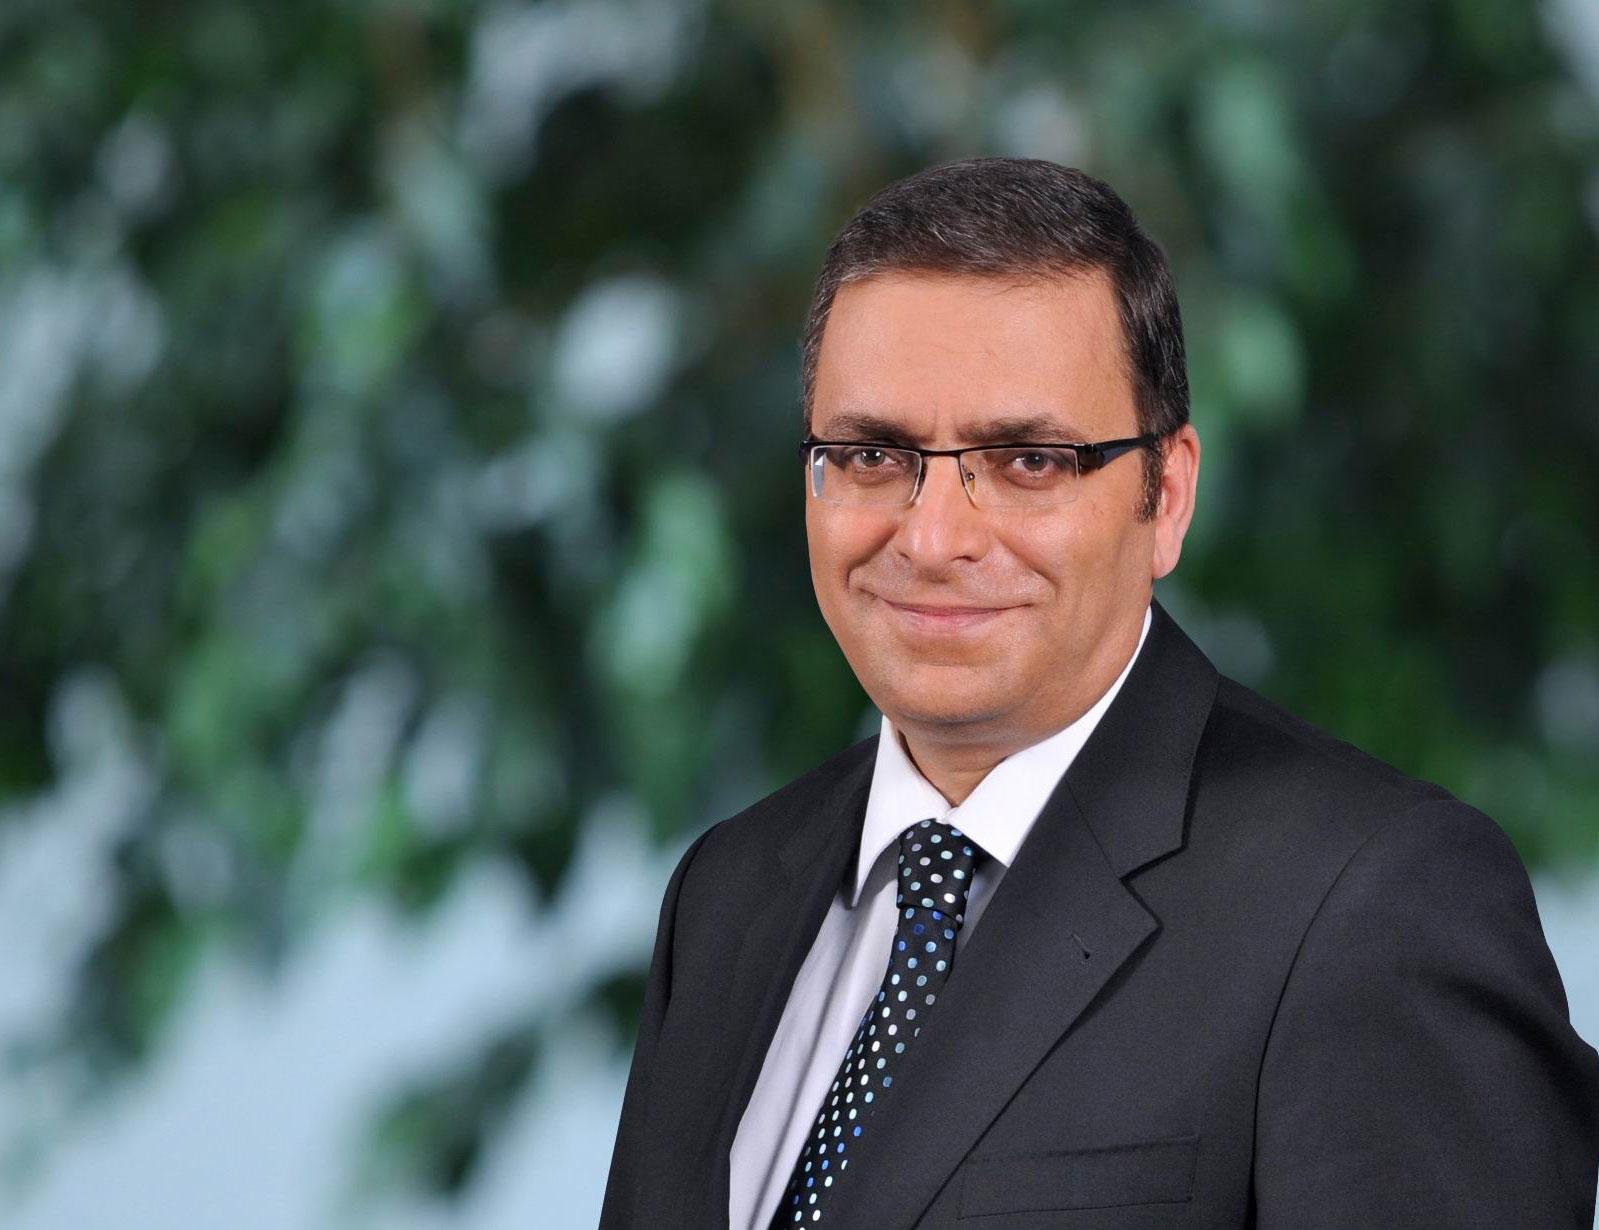 Türkiye'nin sermaye piyasalarına yeni üye atanması